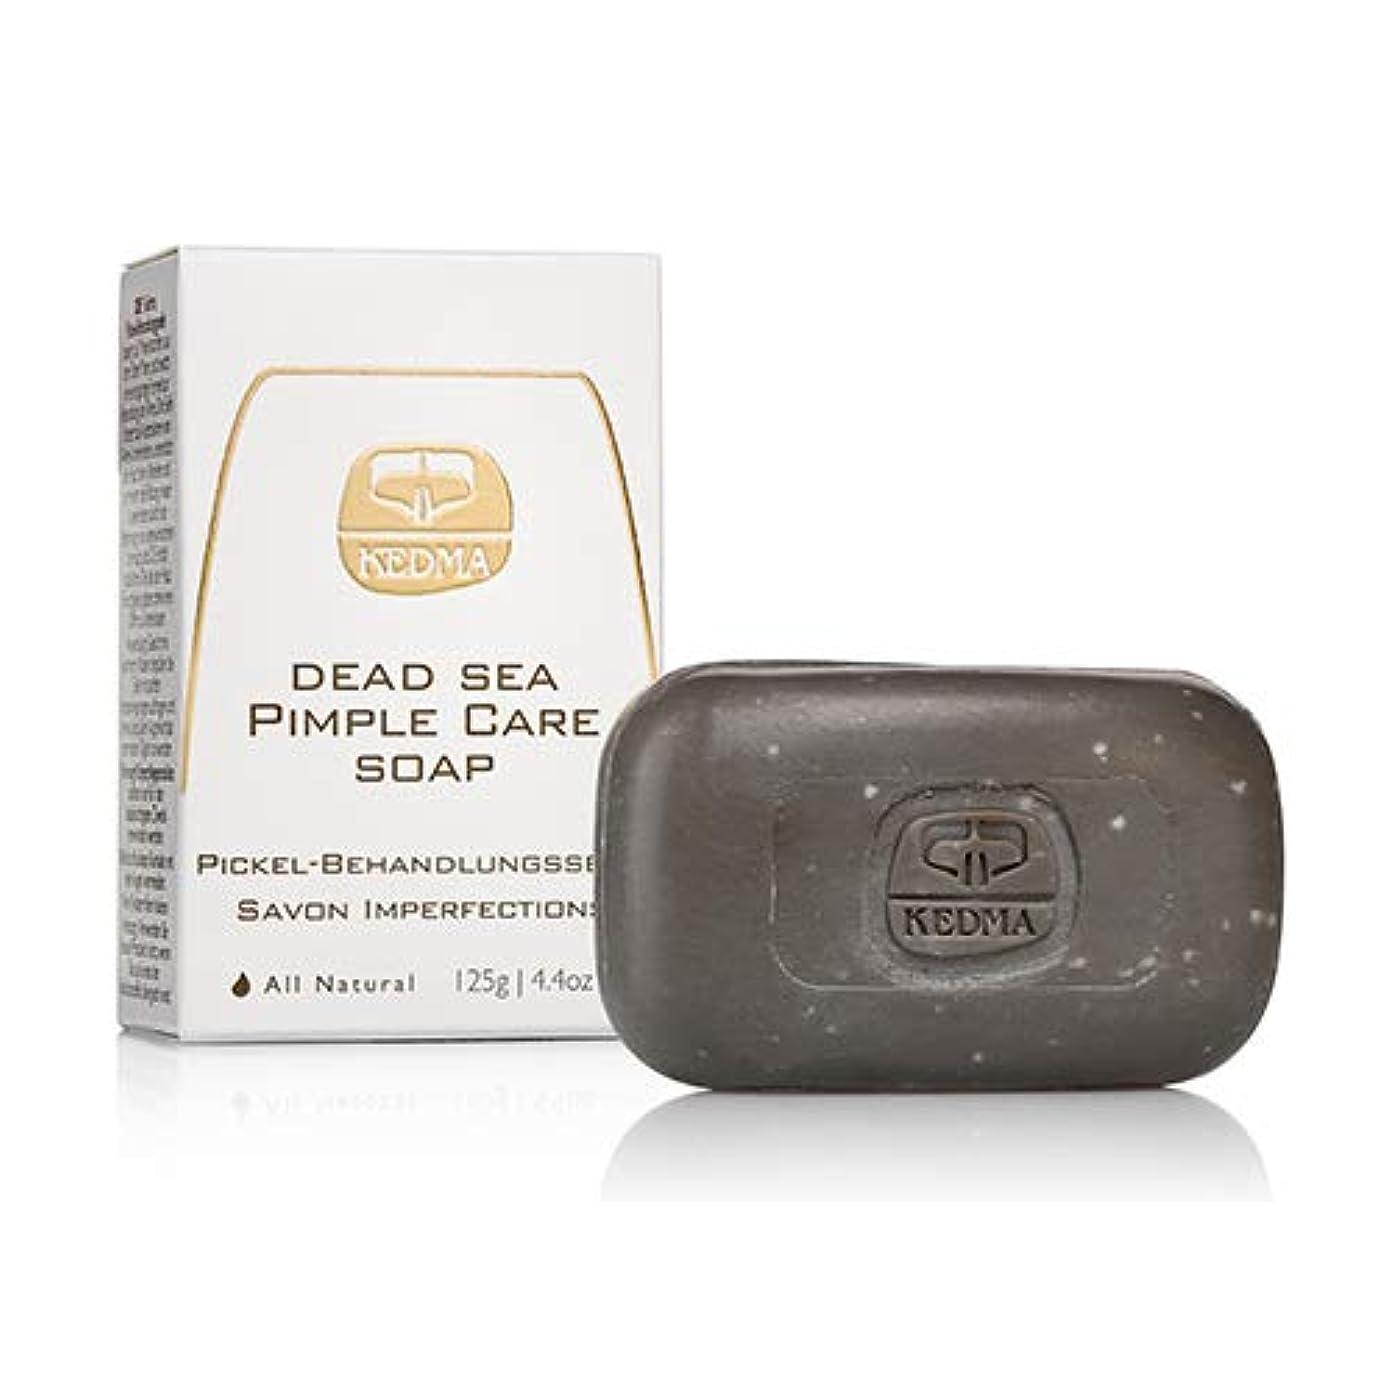 マーカーうなり声帰る【日本初上陸/正規代理店】KEDMA死海のミネラル石鹸 死海ピンプルケアソープ 125g